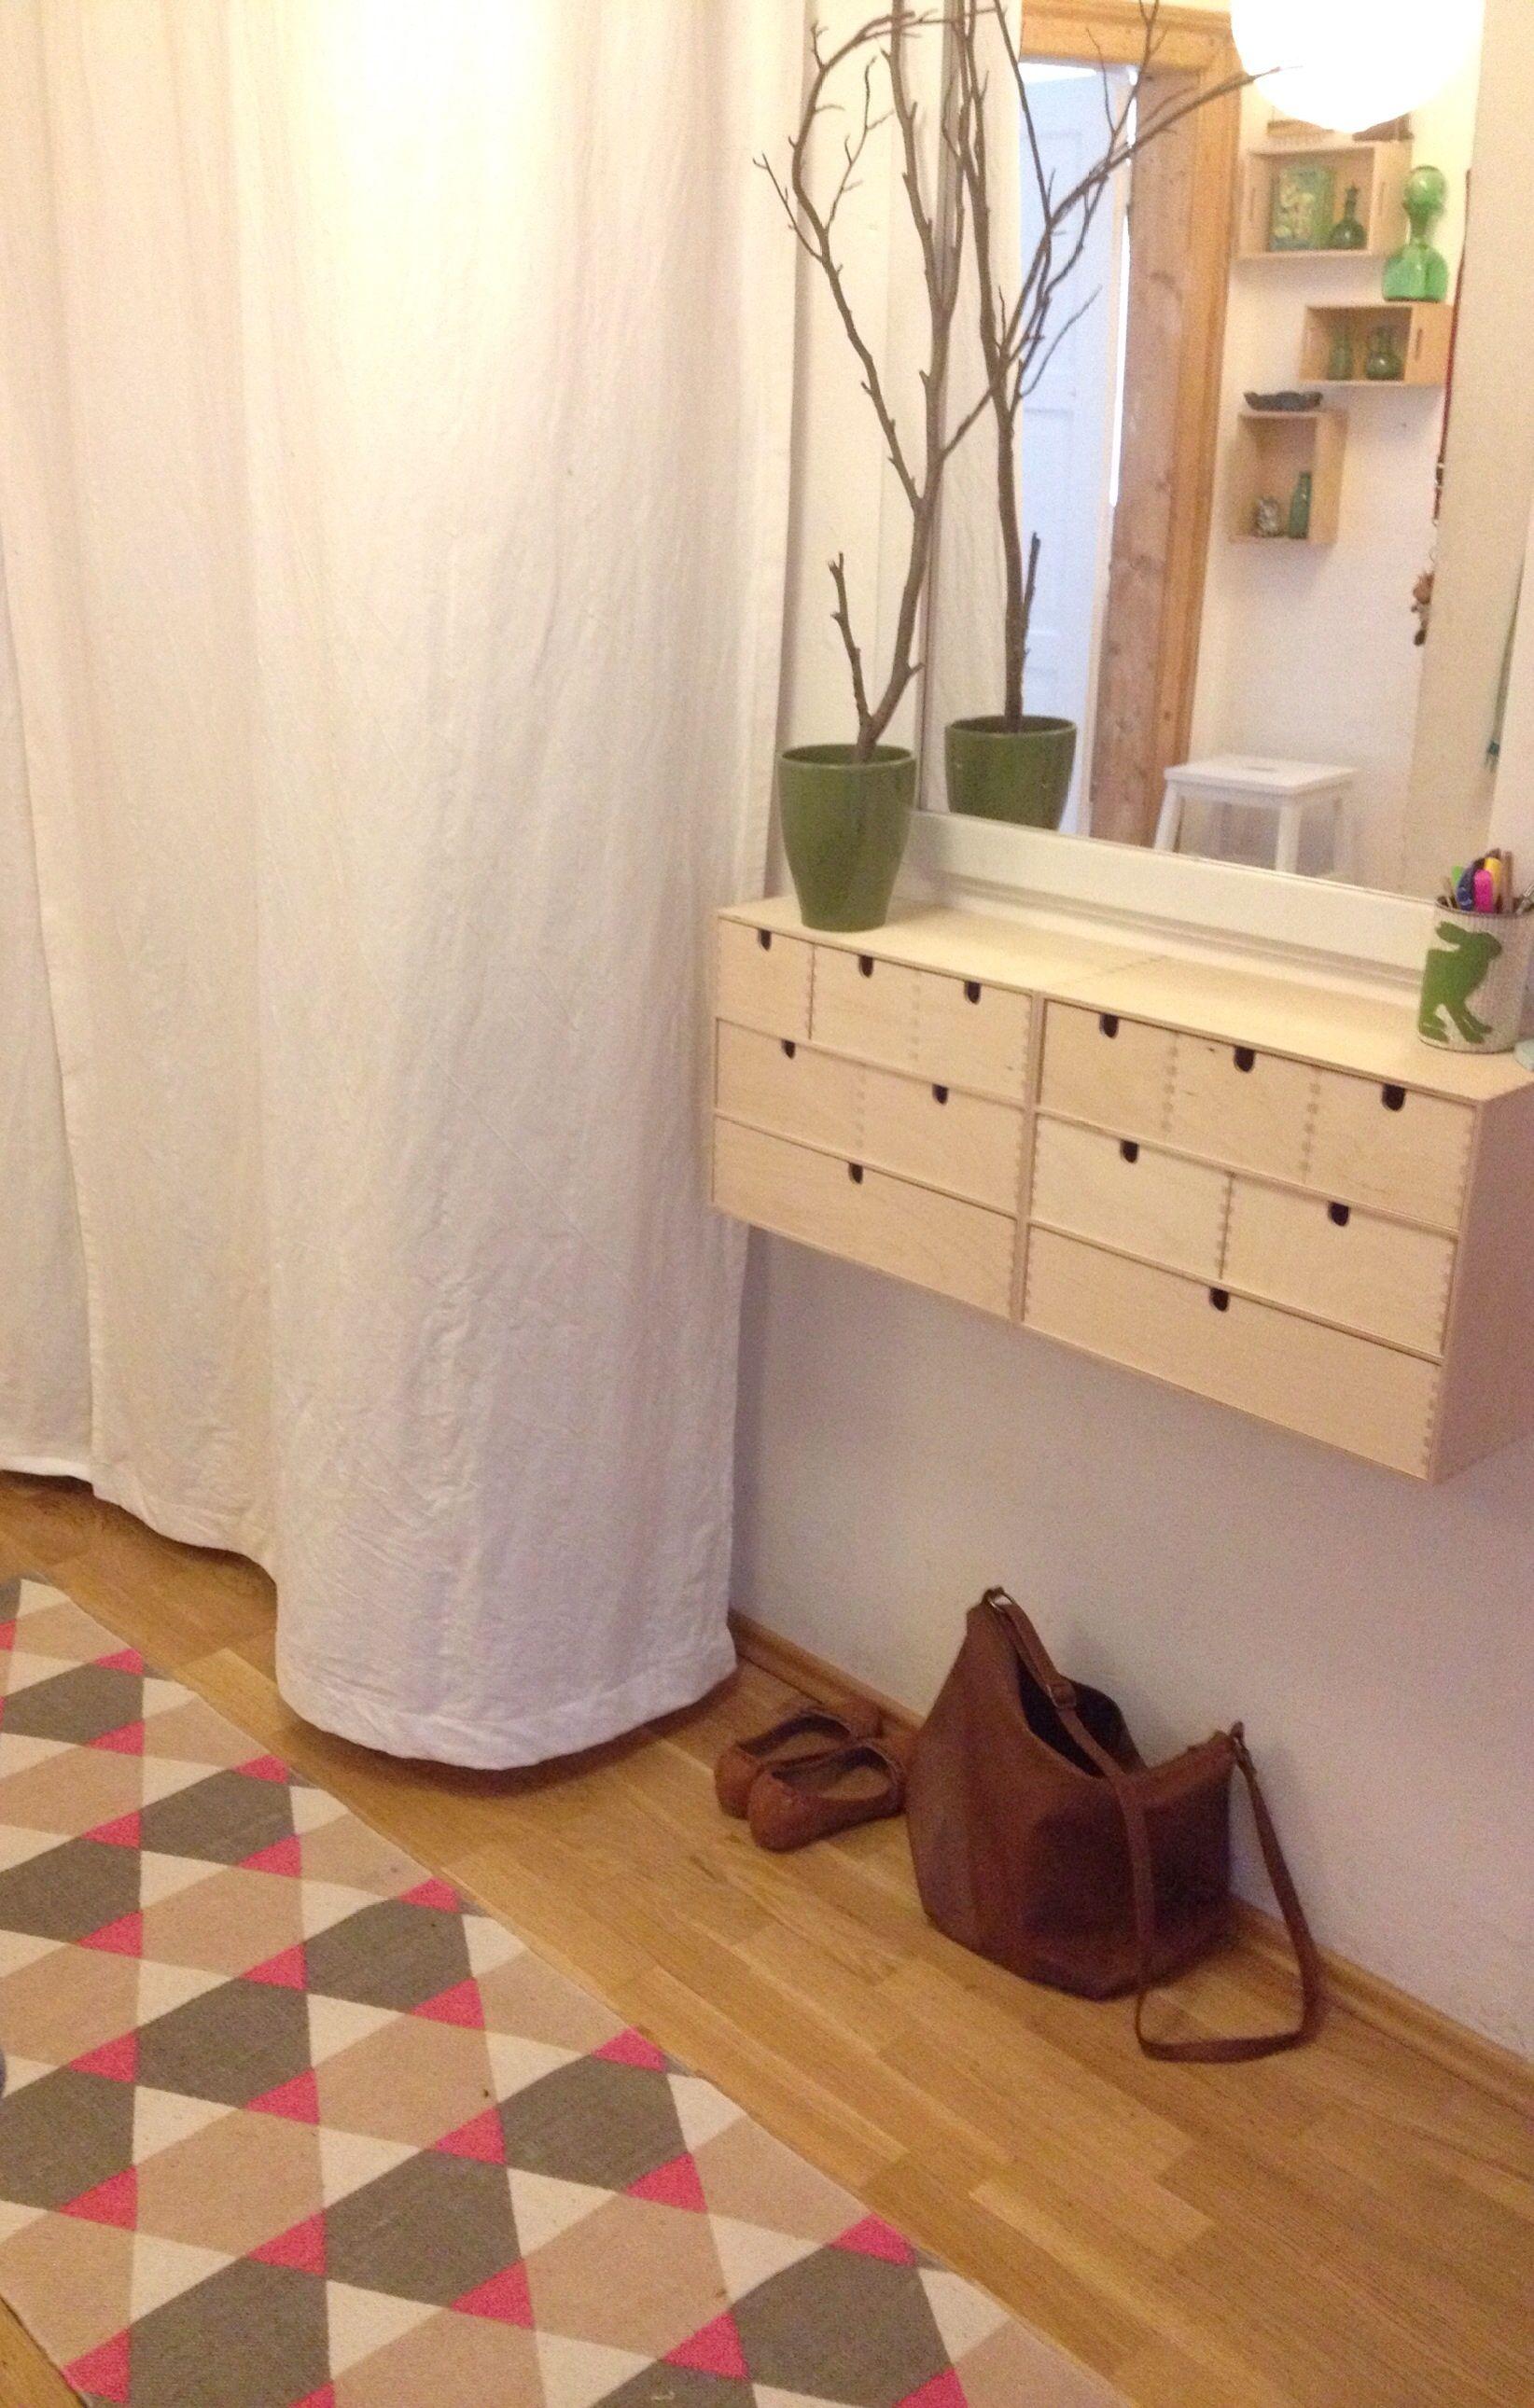 Flur Wandregal aus zwei IKEA Moppe Mini-Kommoden. Coole Idee zum Selbermachen